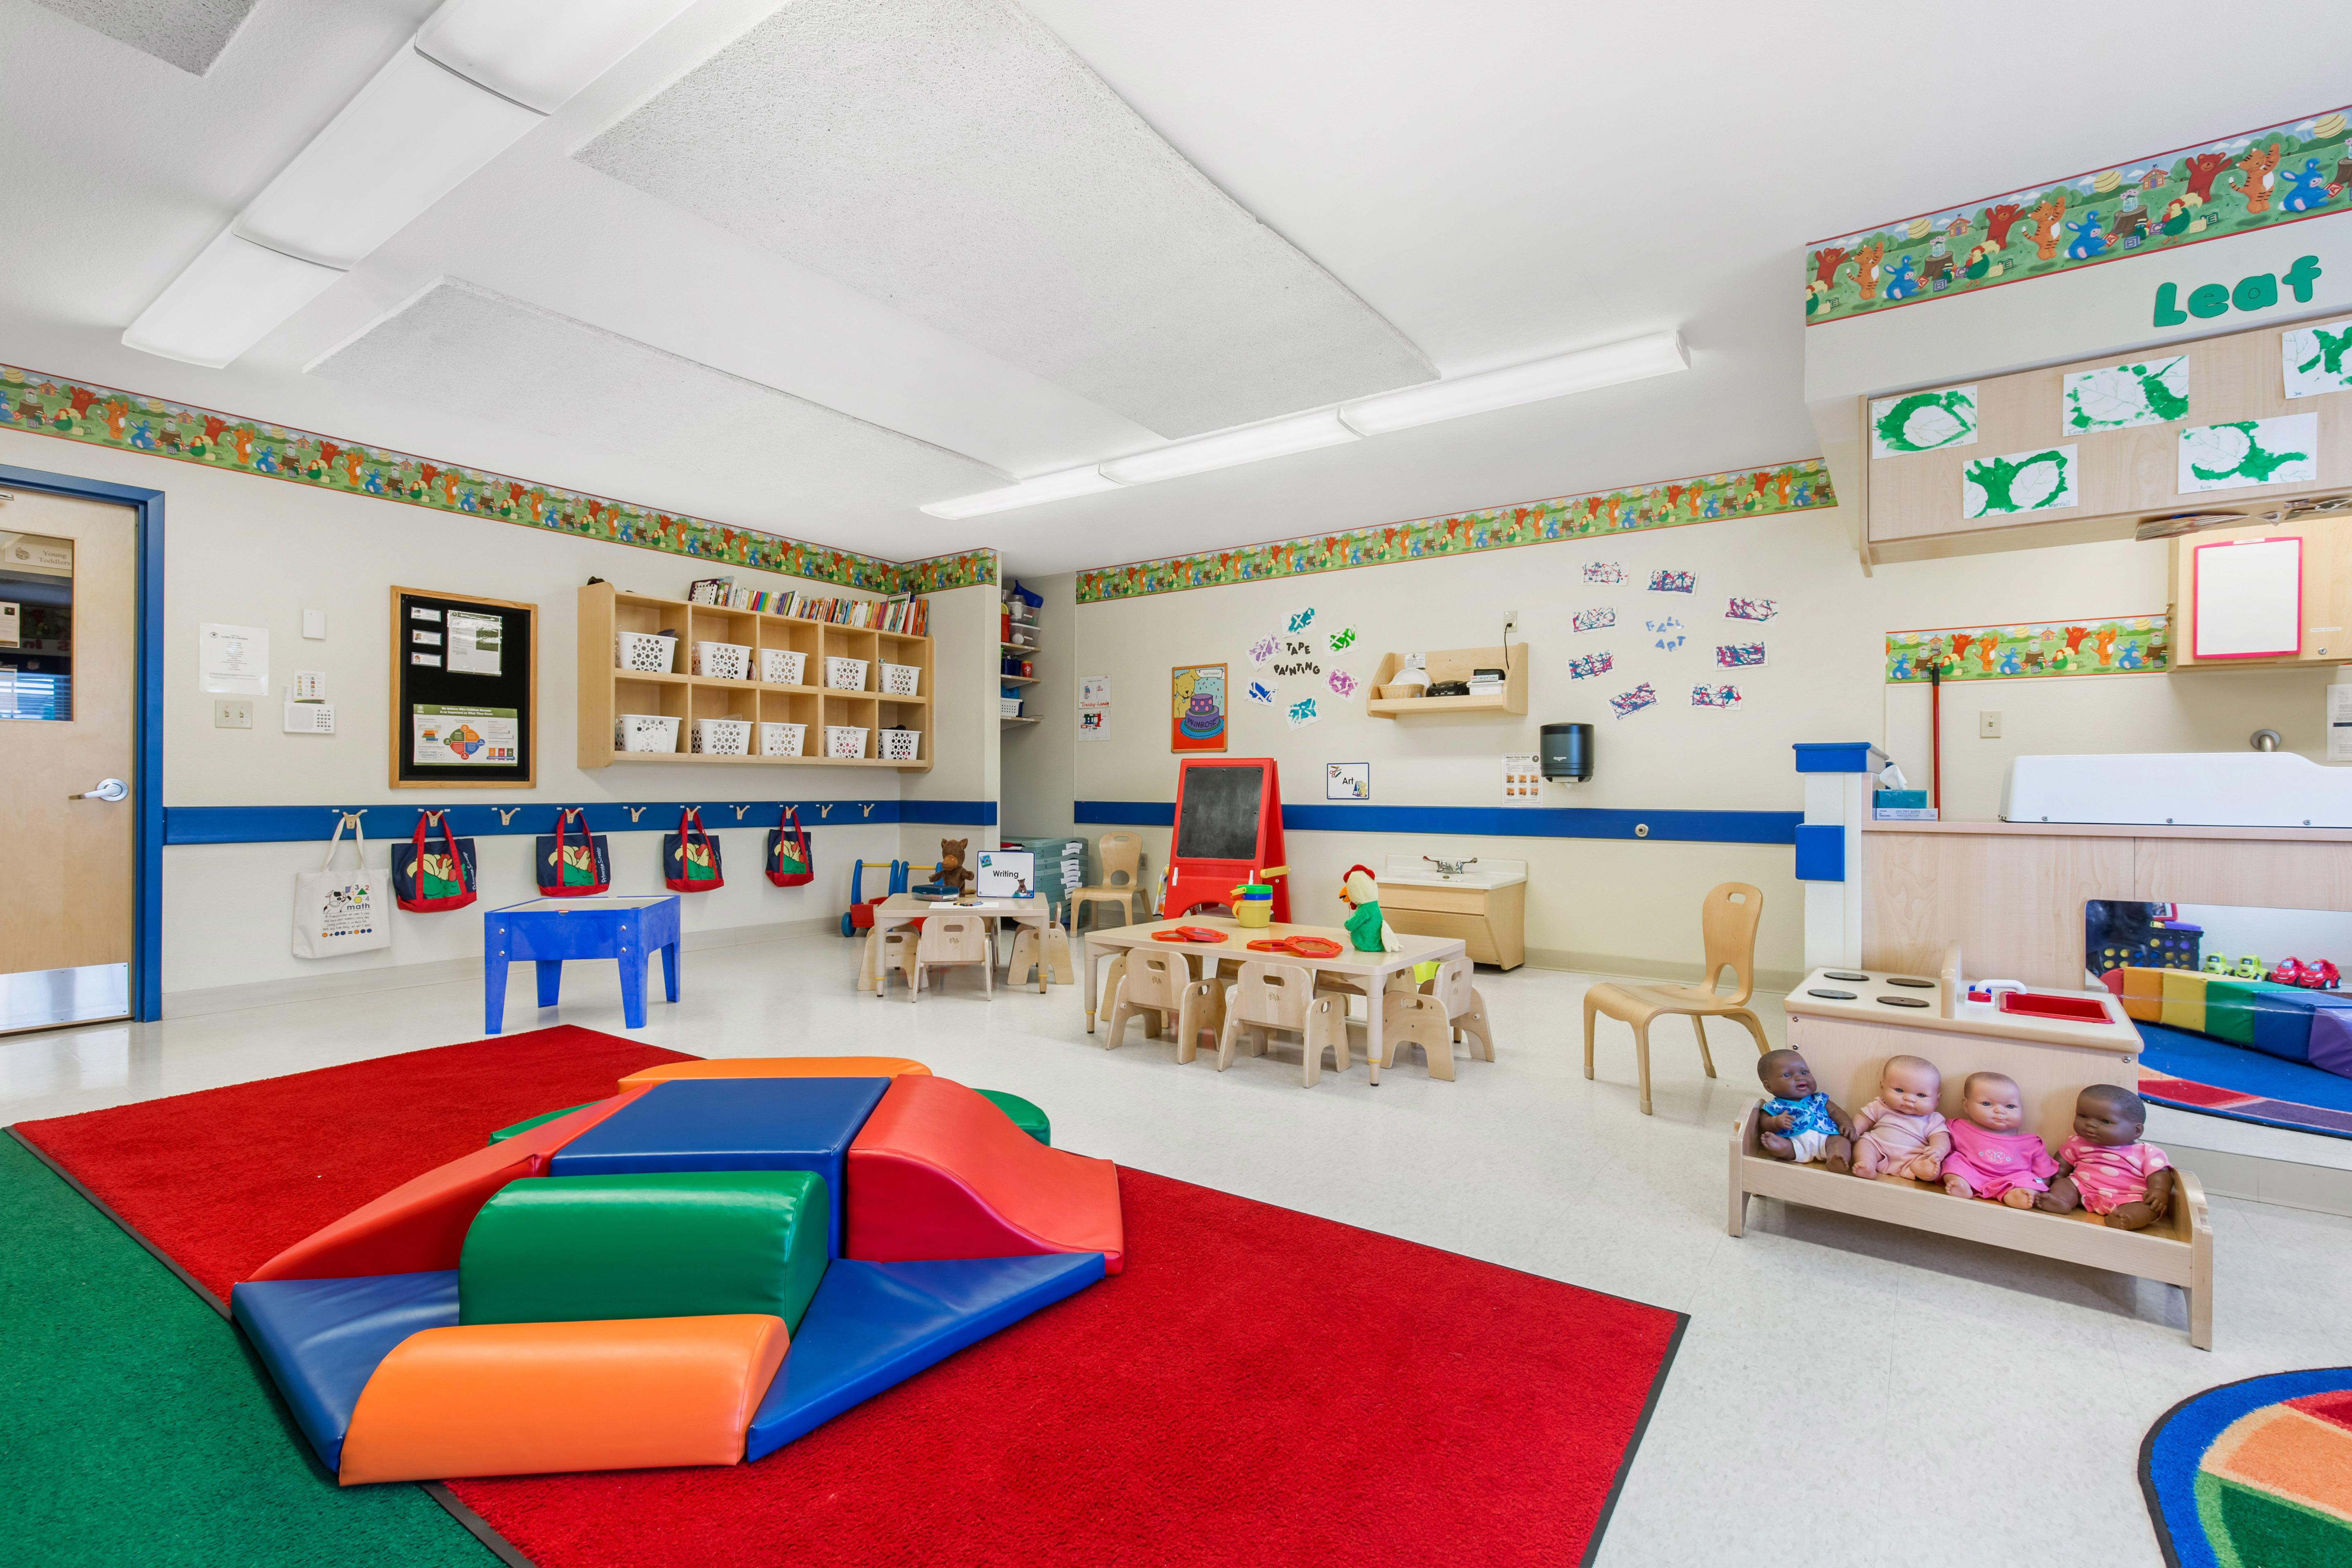 Primrose School of Algonquin image 25